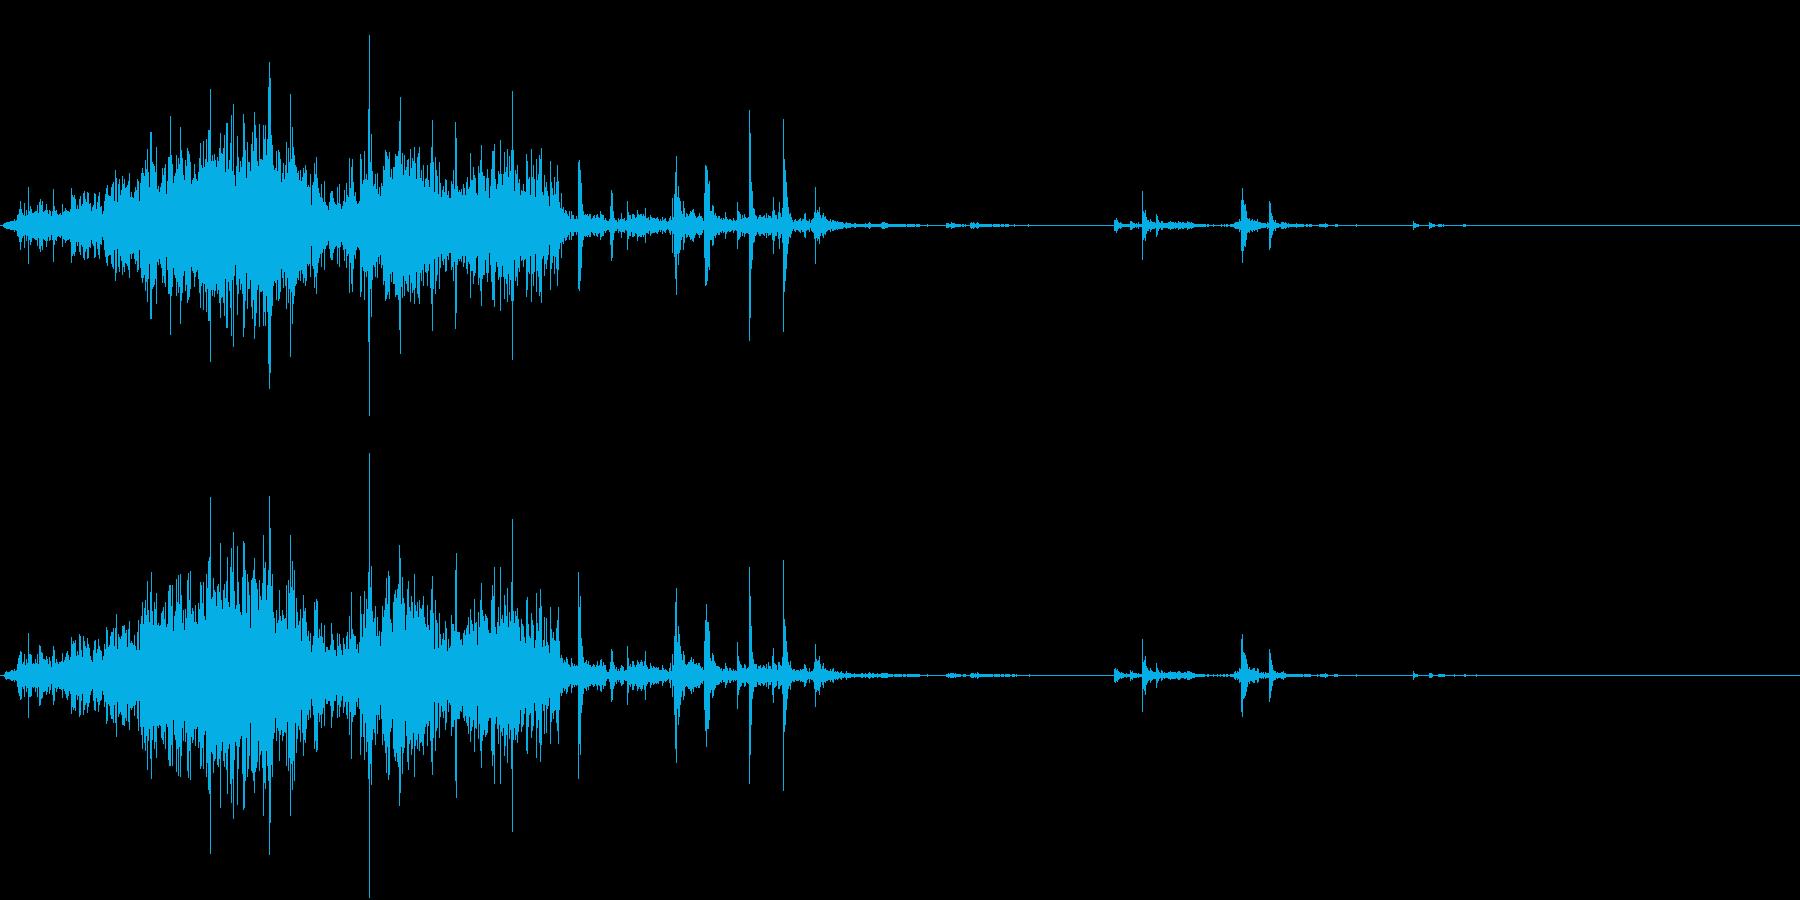 【生録音】ゴミの音 9 蹴散らすの再生済みの波形